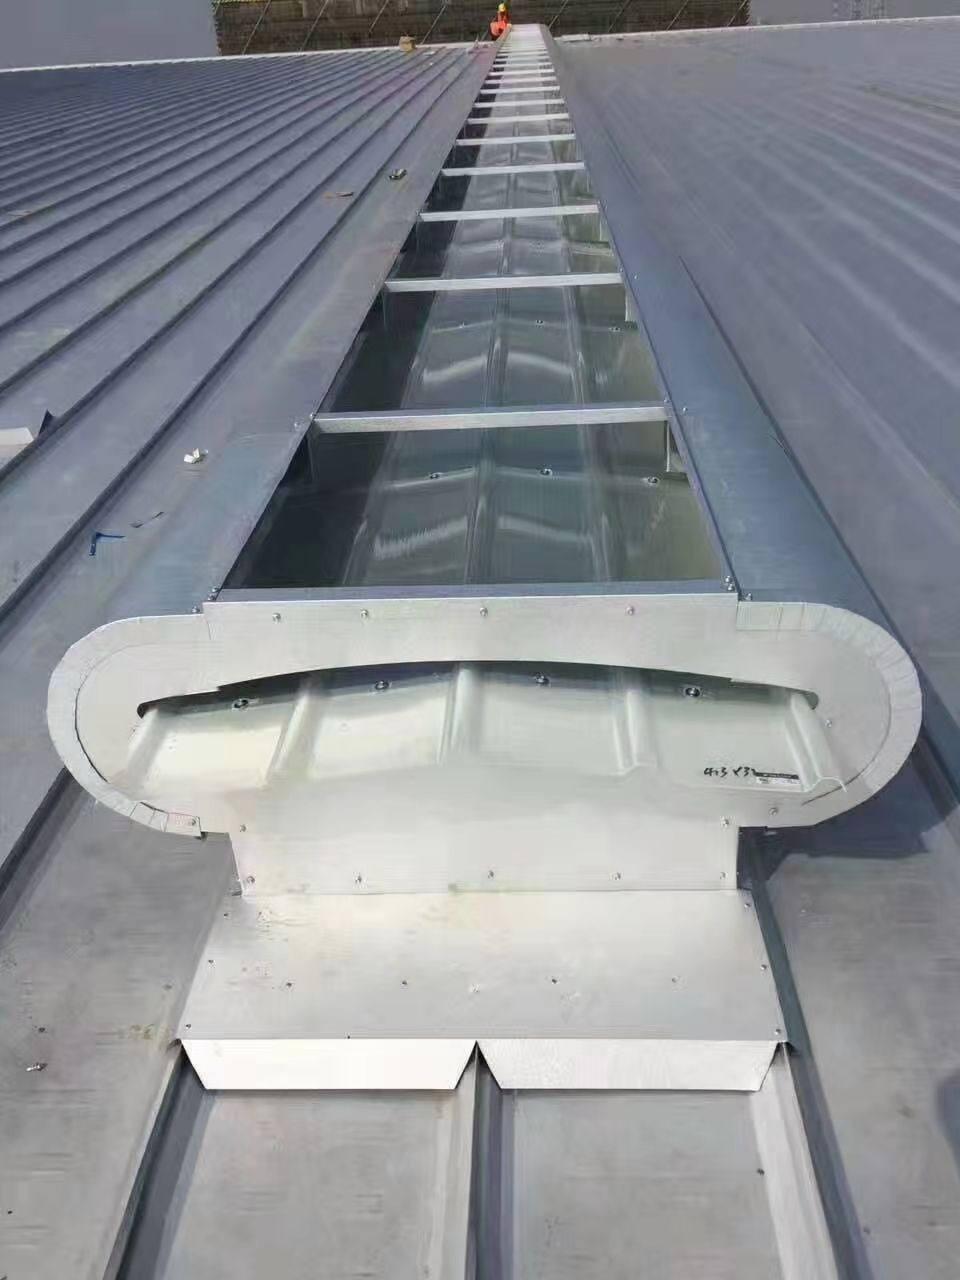 福建省厦门市电动采光排烟天窗安装服务